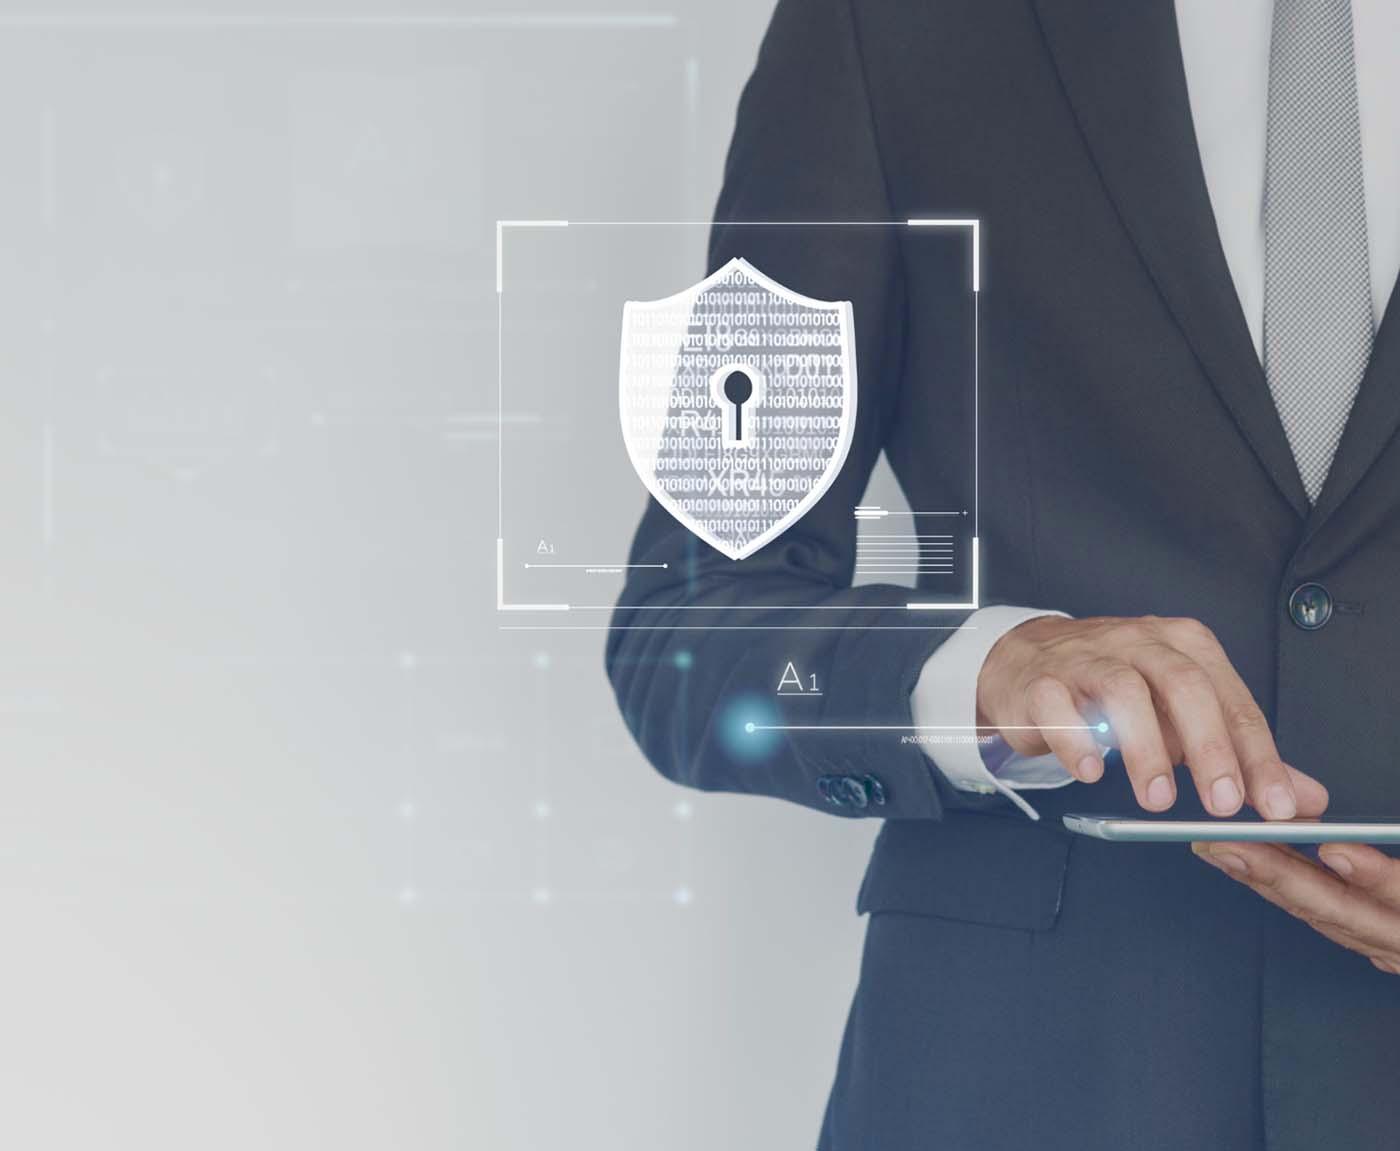 Persona che si occupa di cybersecurity e difende dagli attacchi informatici